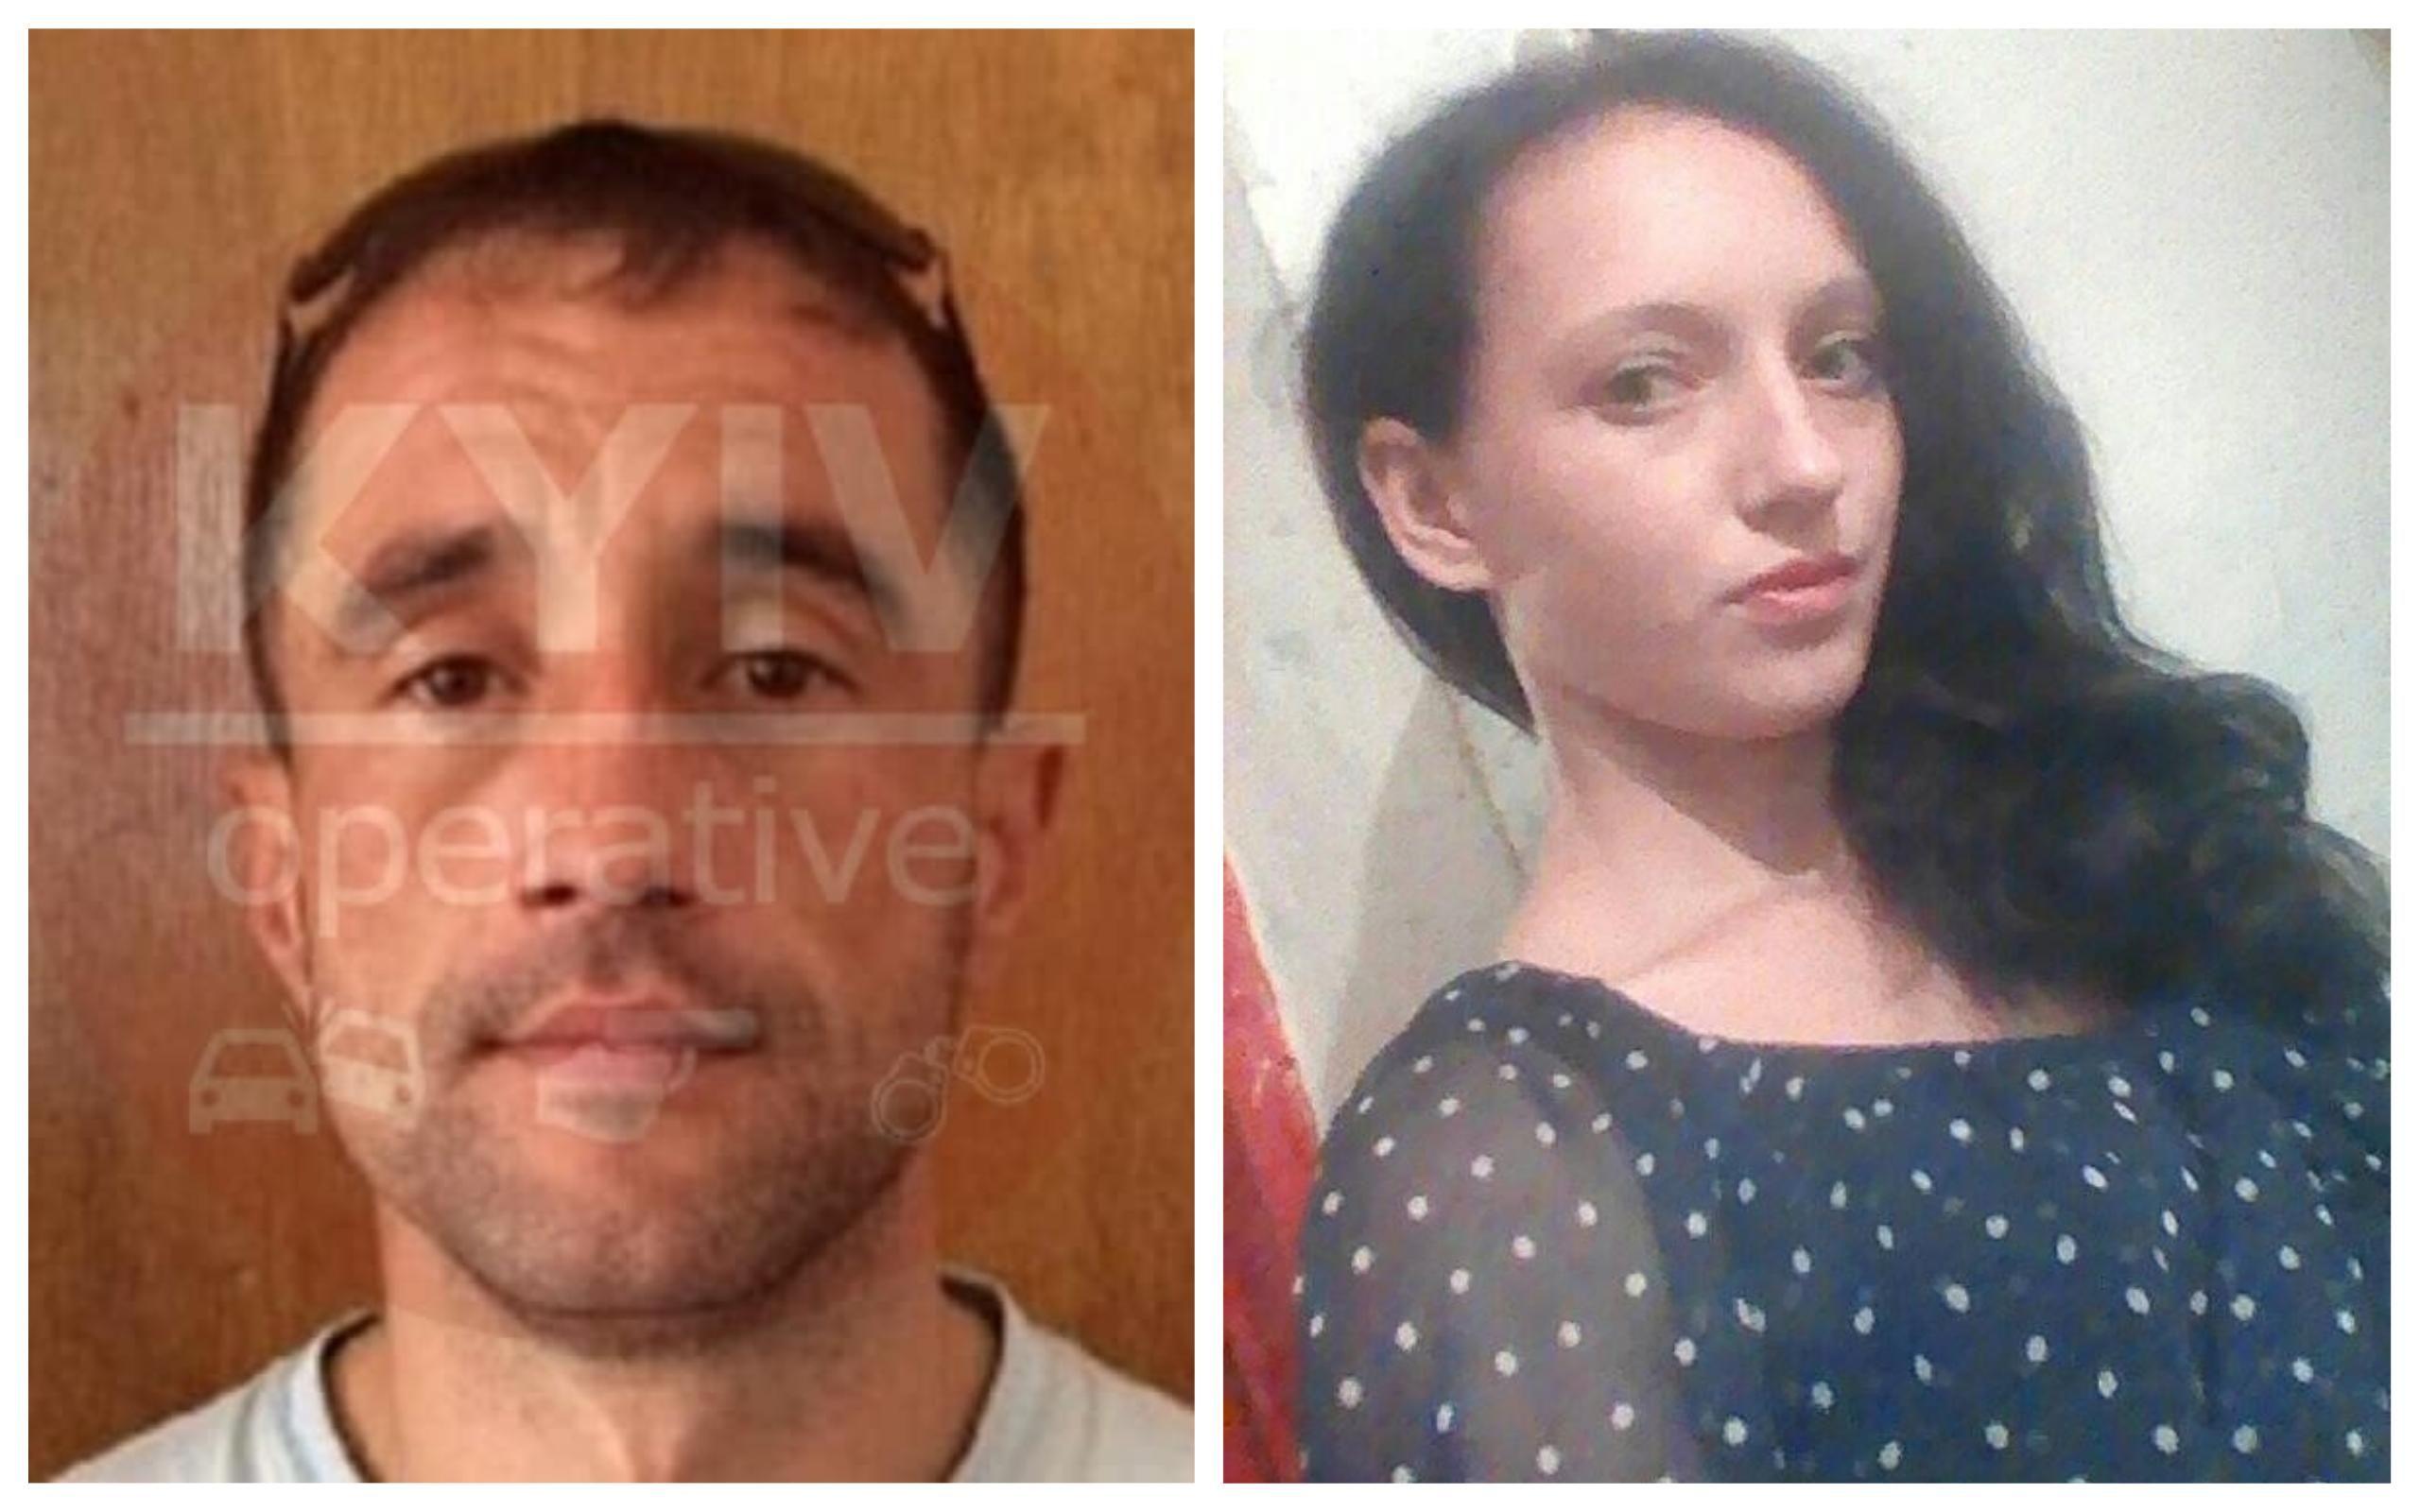 підозрювані у вбивстві 2 дівчат на Подолі в Києві